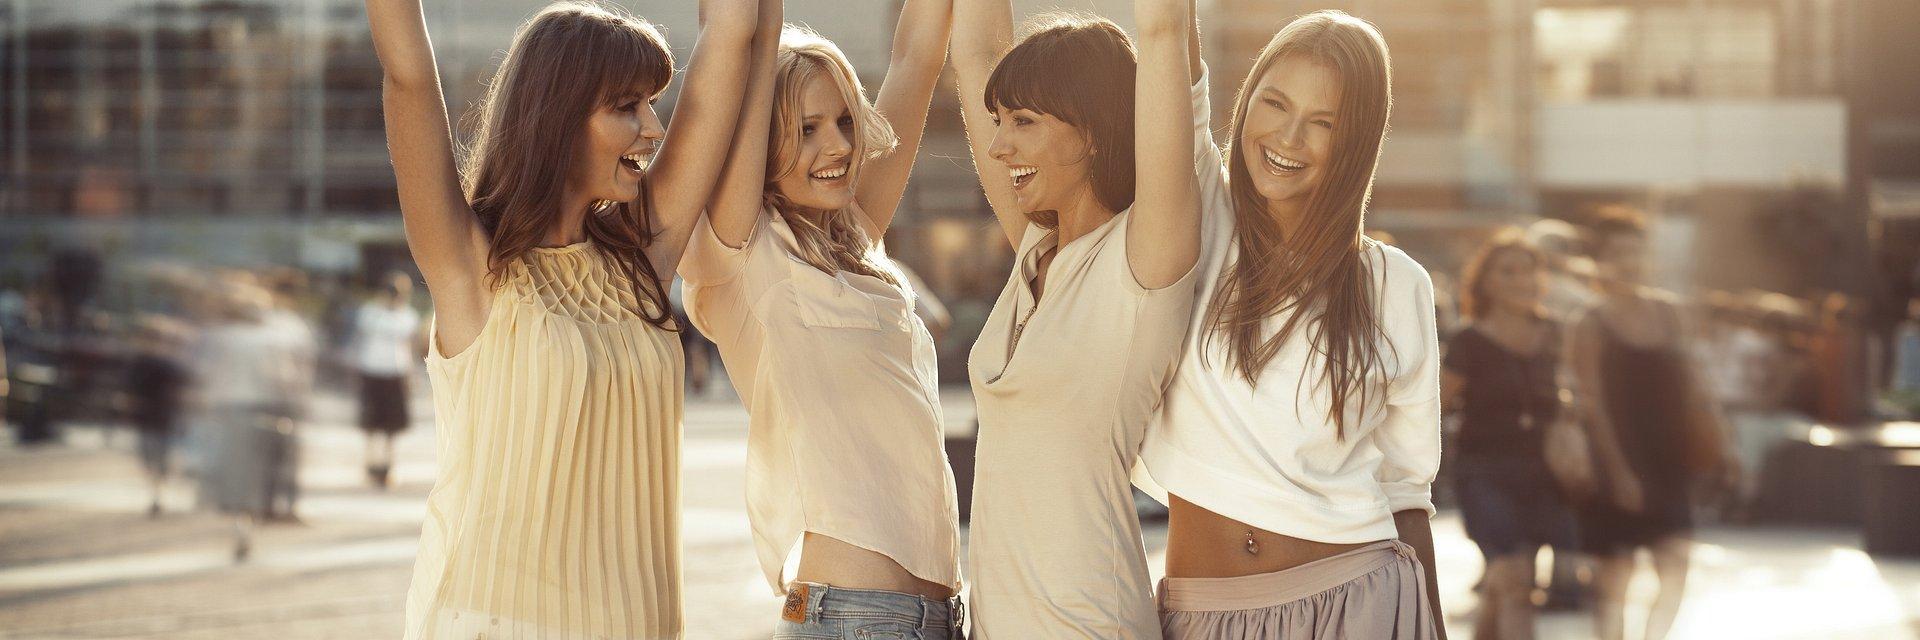 Młode, aktywne zawodowo czy w okresie menopauzy? Jakim kobietom tabletki antykoncepcyjne mogą poprawić jakość życia?